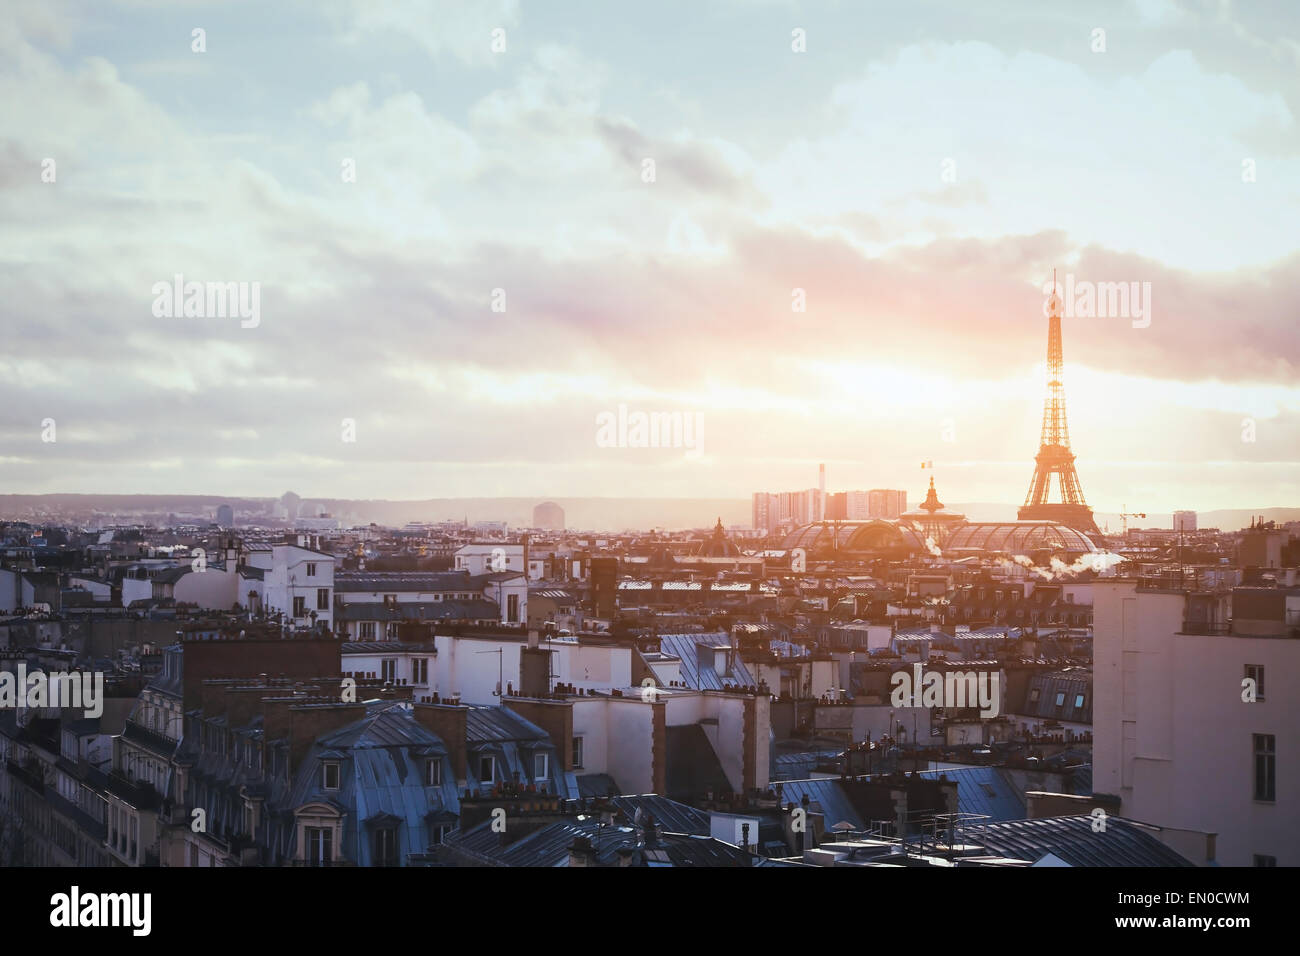 Belle vue de Paris, France, la Tour Eiffel au coucher du soleil Photo Stock